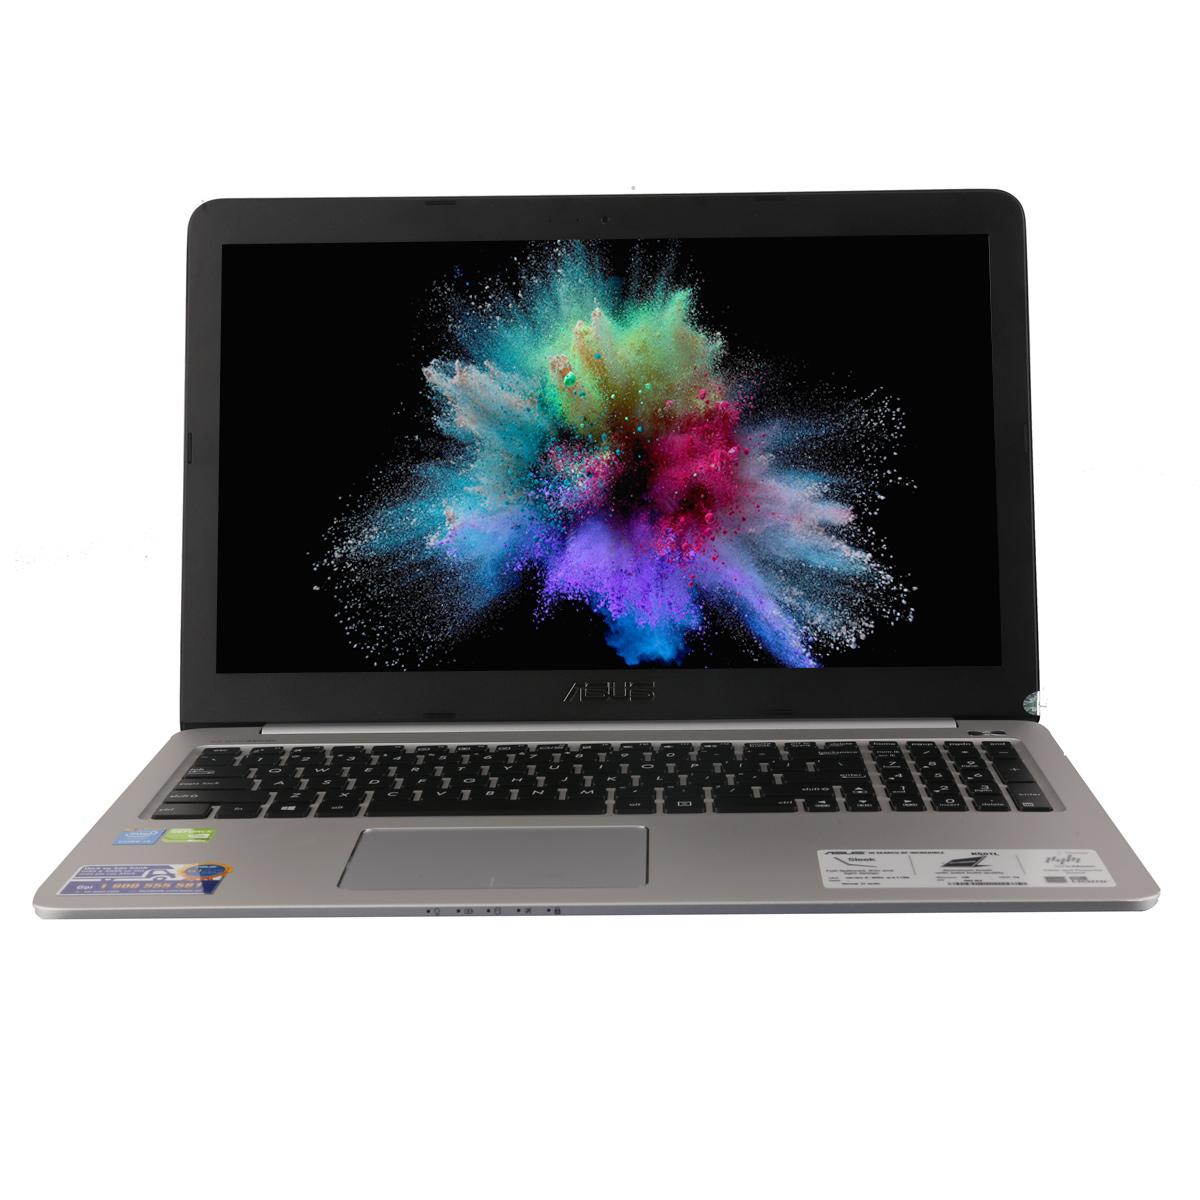 Máy tính xách tay Asus K501UX